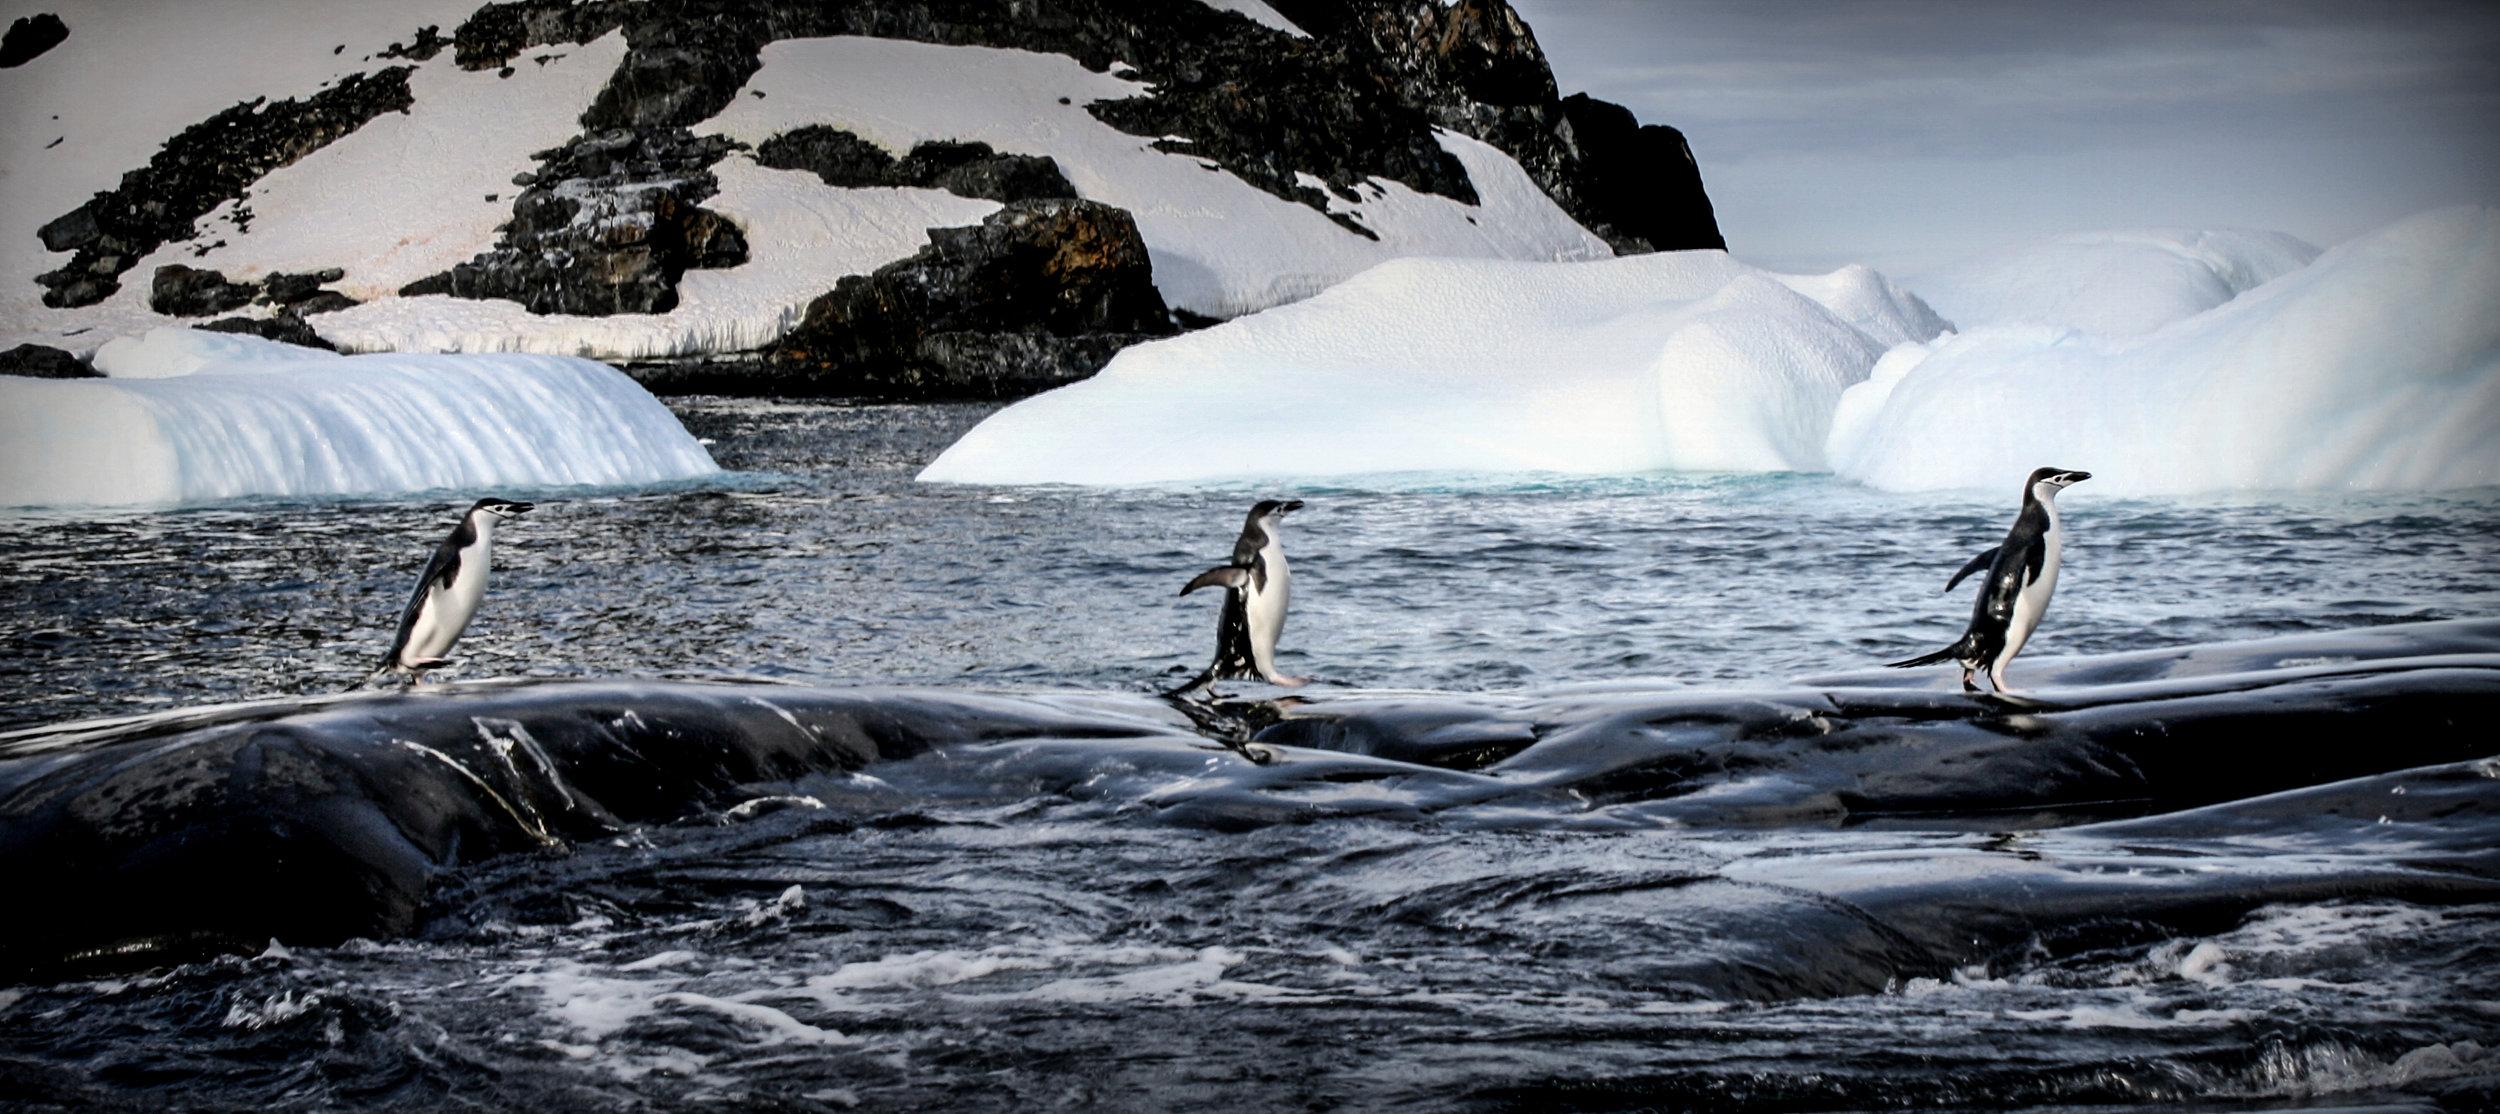 Hannah's Point, Antarctica